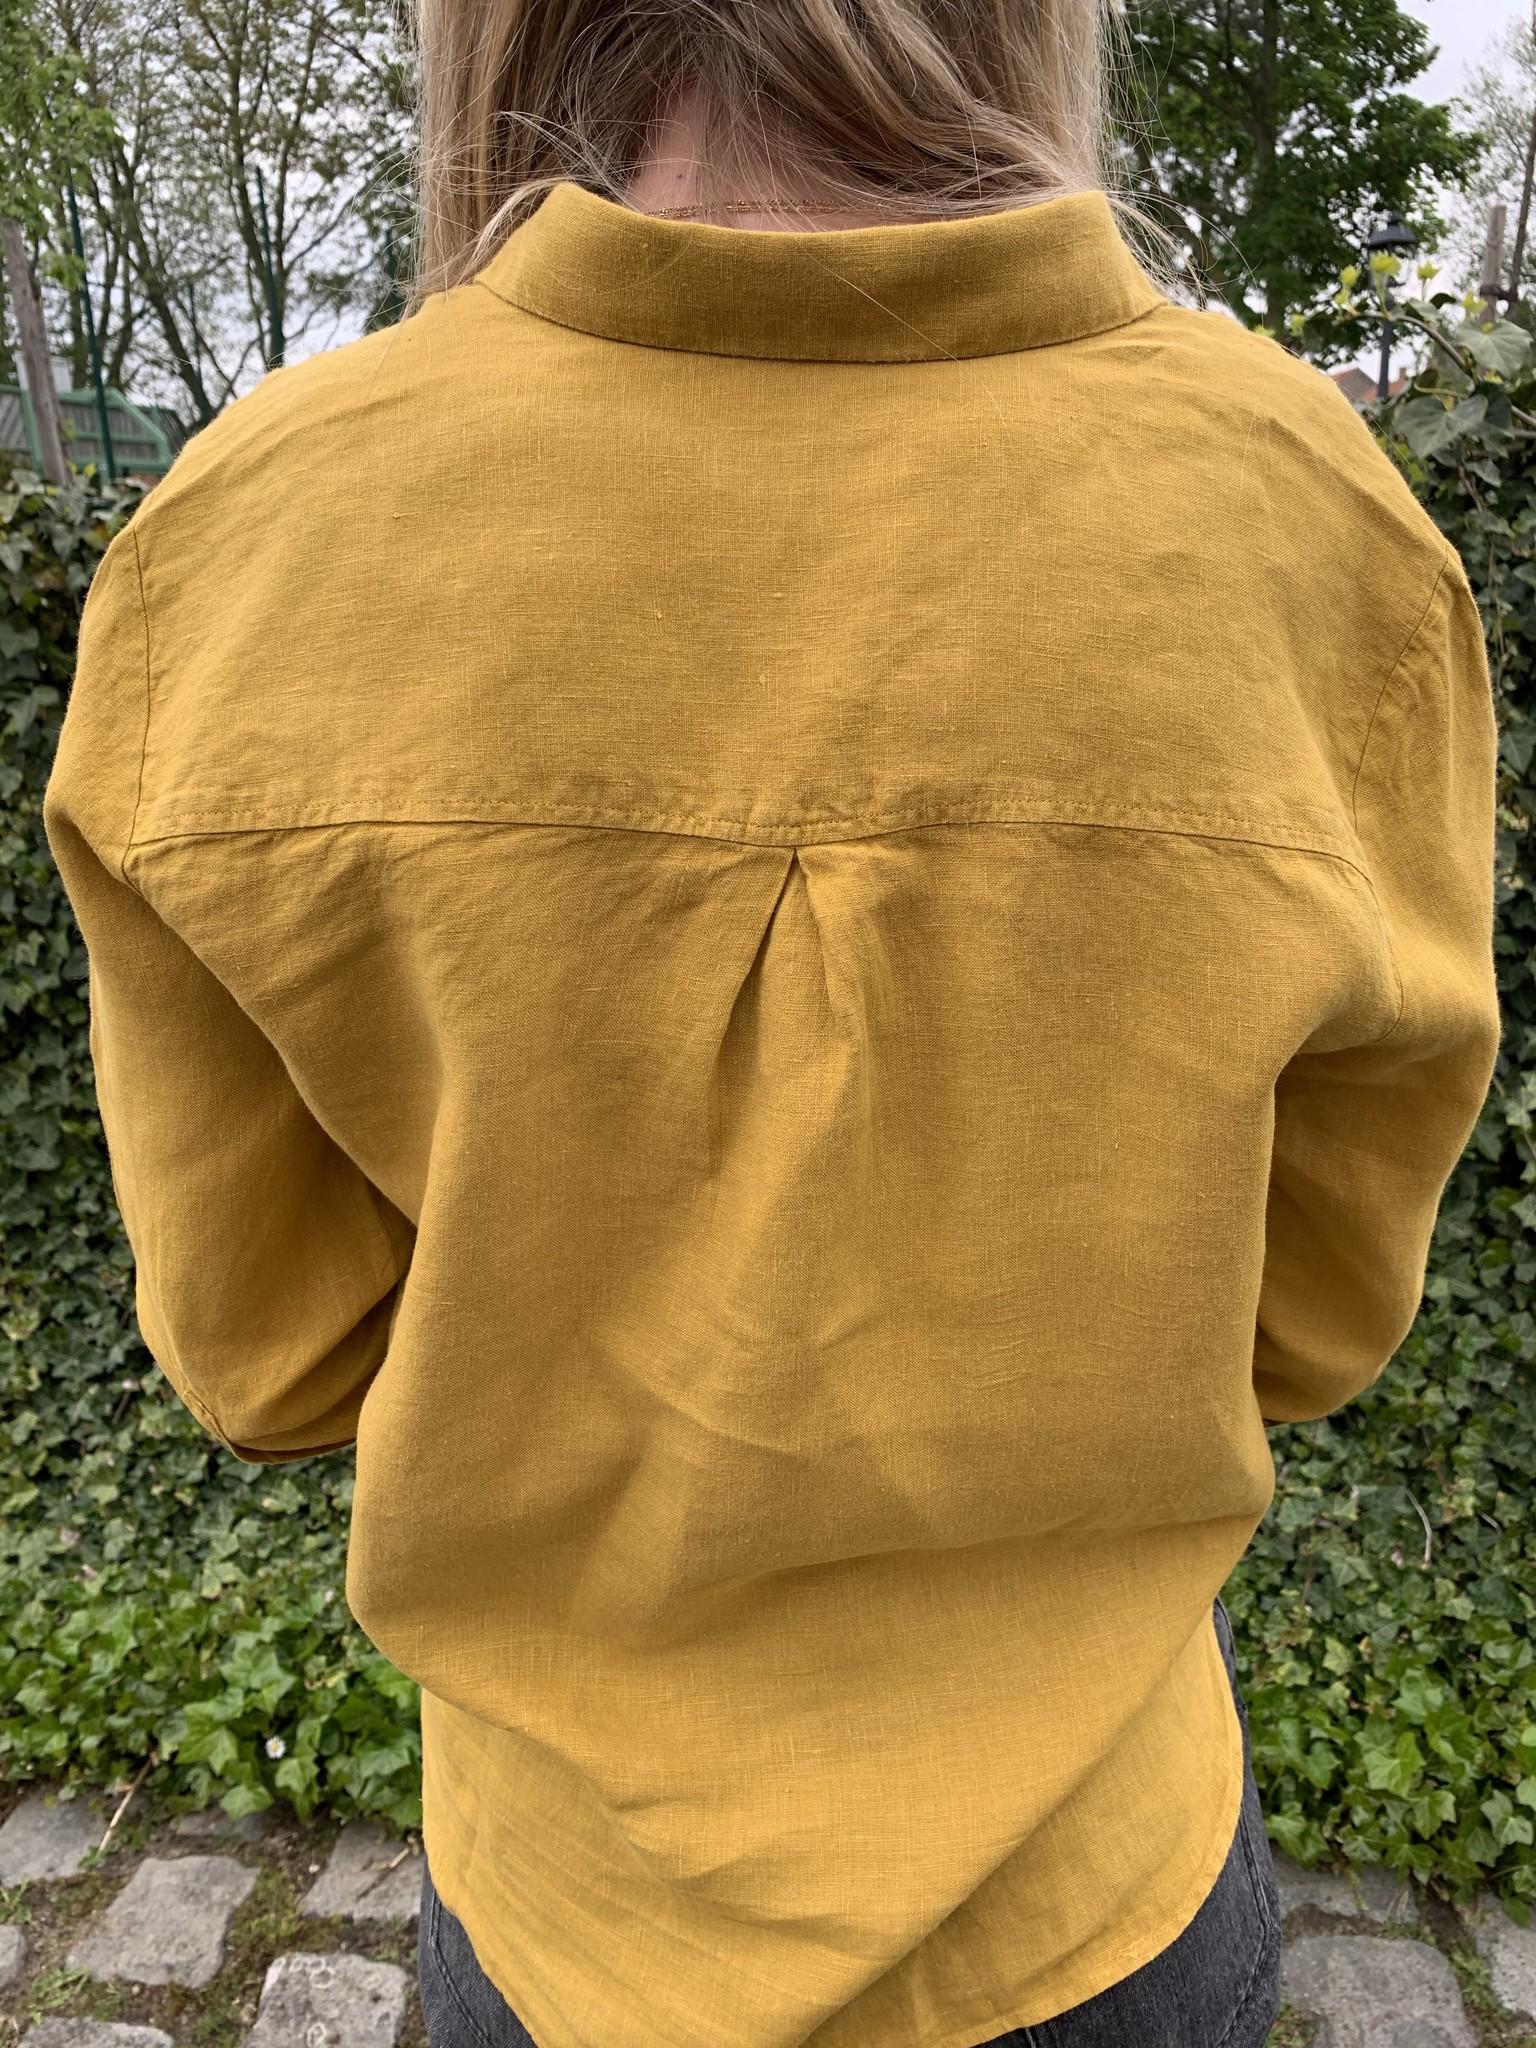 Le grenier du lin 3/4 sleeves pure linen blouse saffron yellow